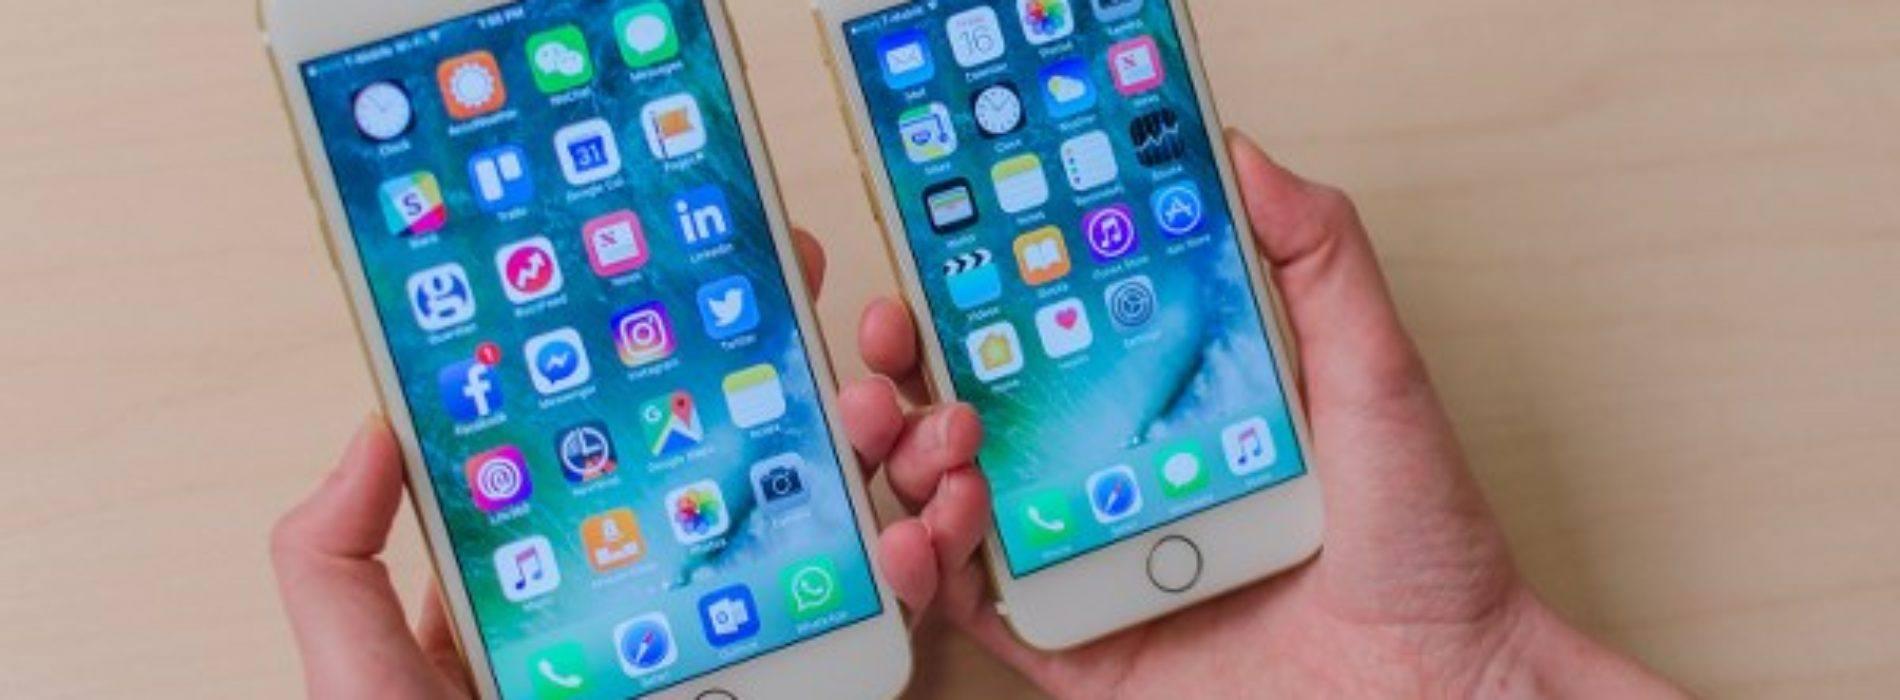 ¿Vale la pena comprar el iPhone 7? Lo bueno y lo malo